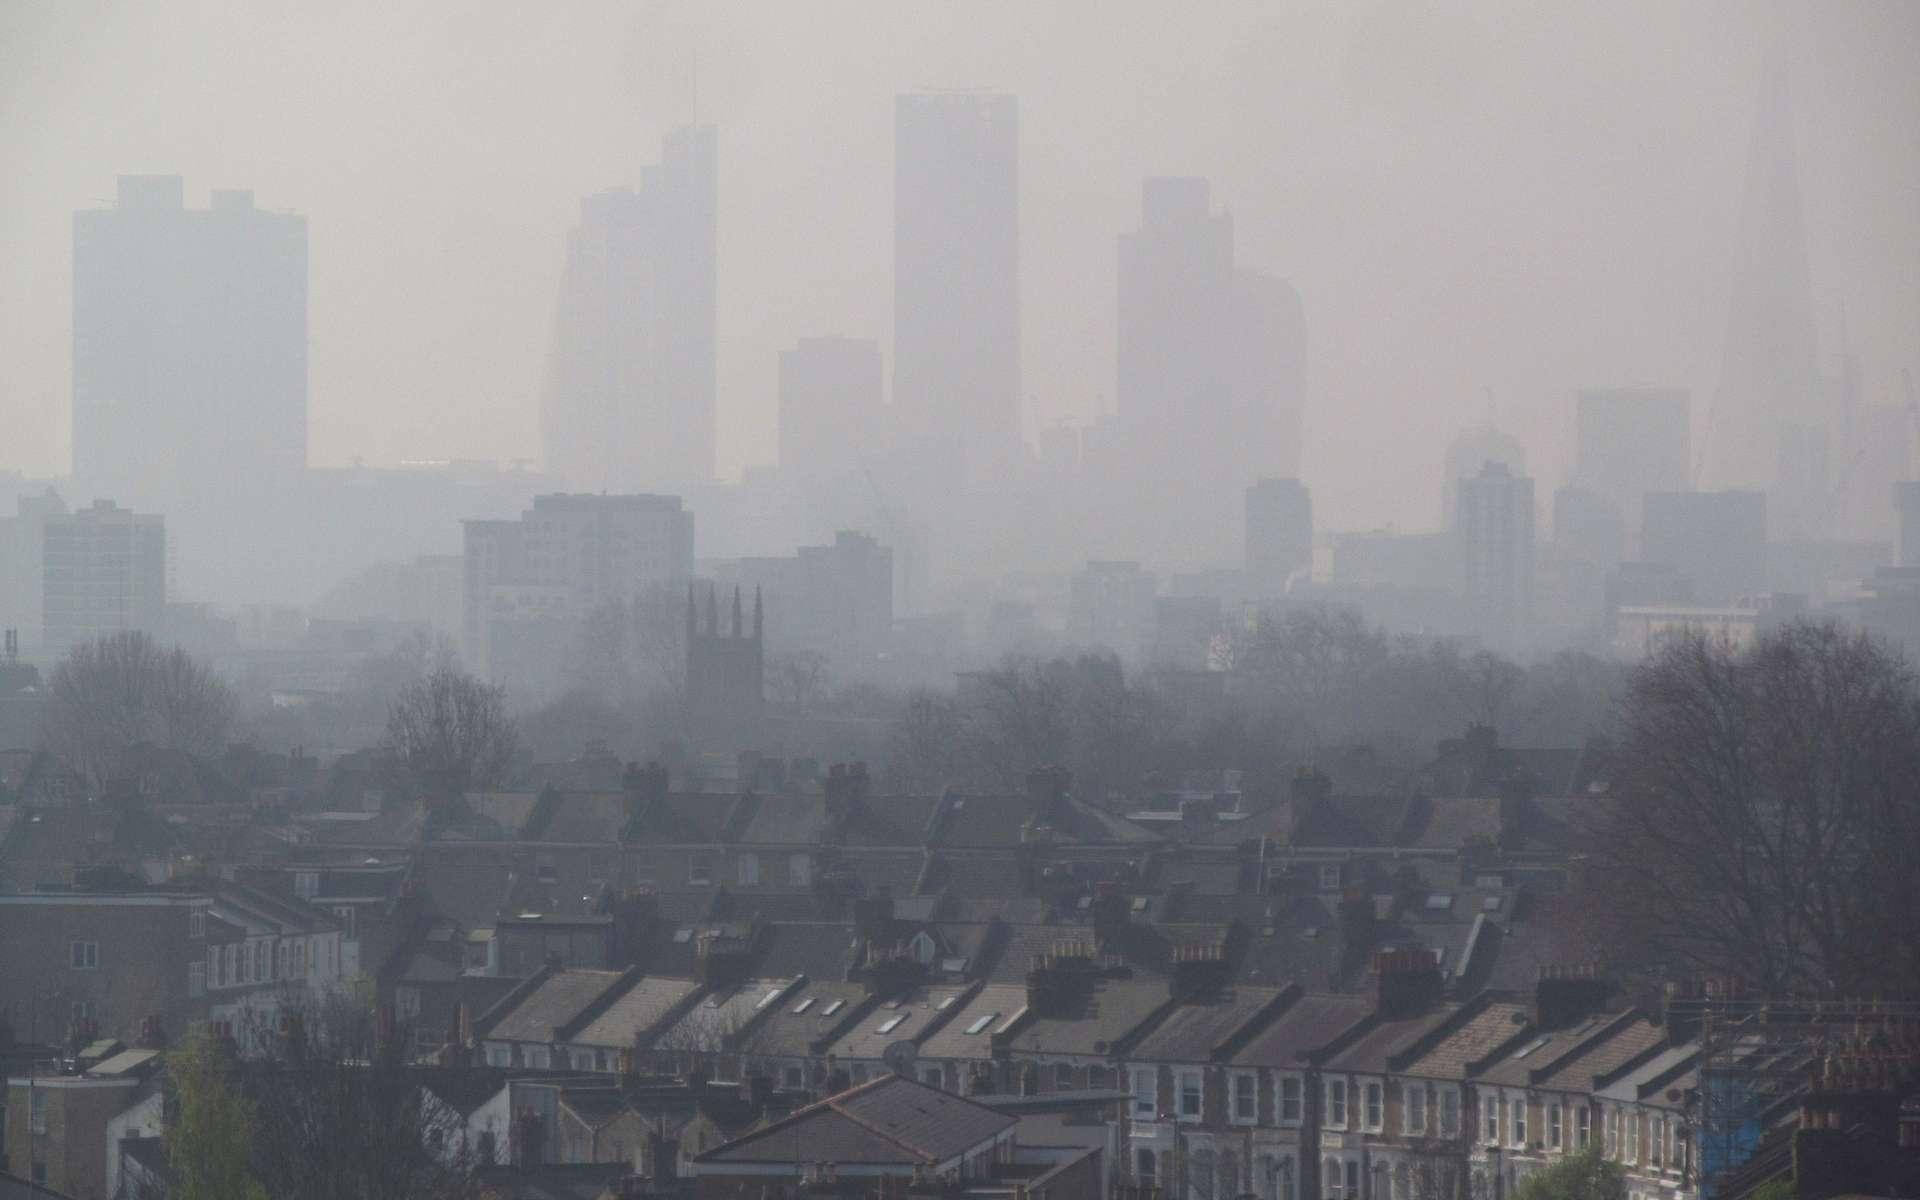 Dans les grandes villes, les particules polluantes contiennent des gènes d'antibiorésistance. © David Holt, Flickr